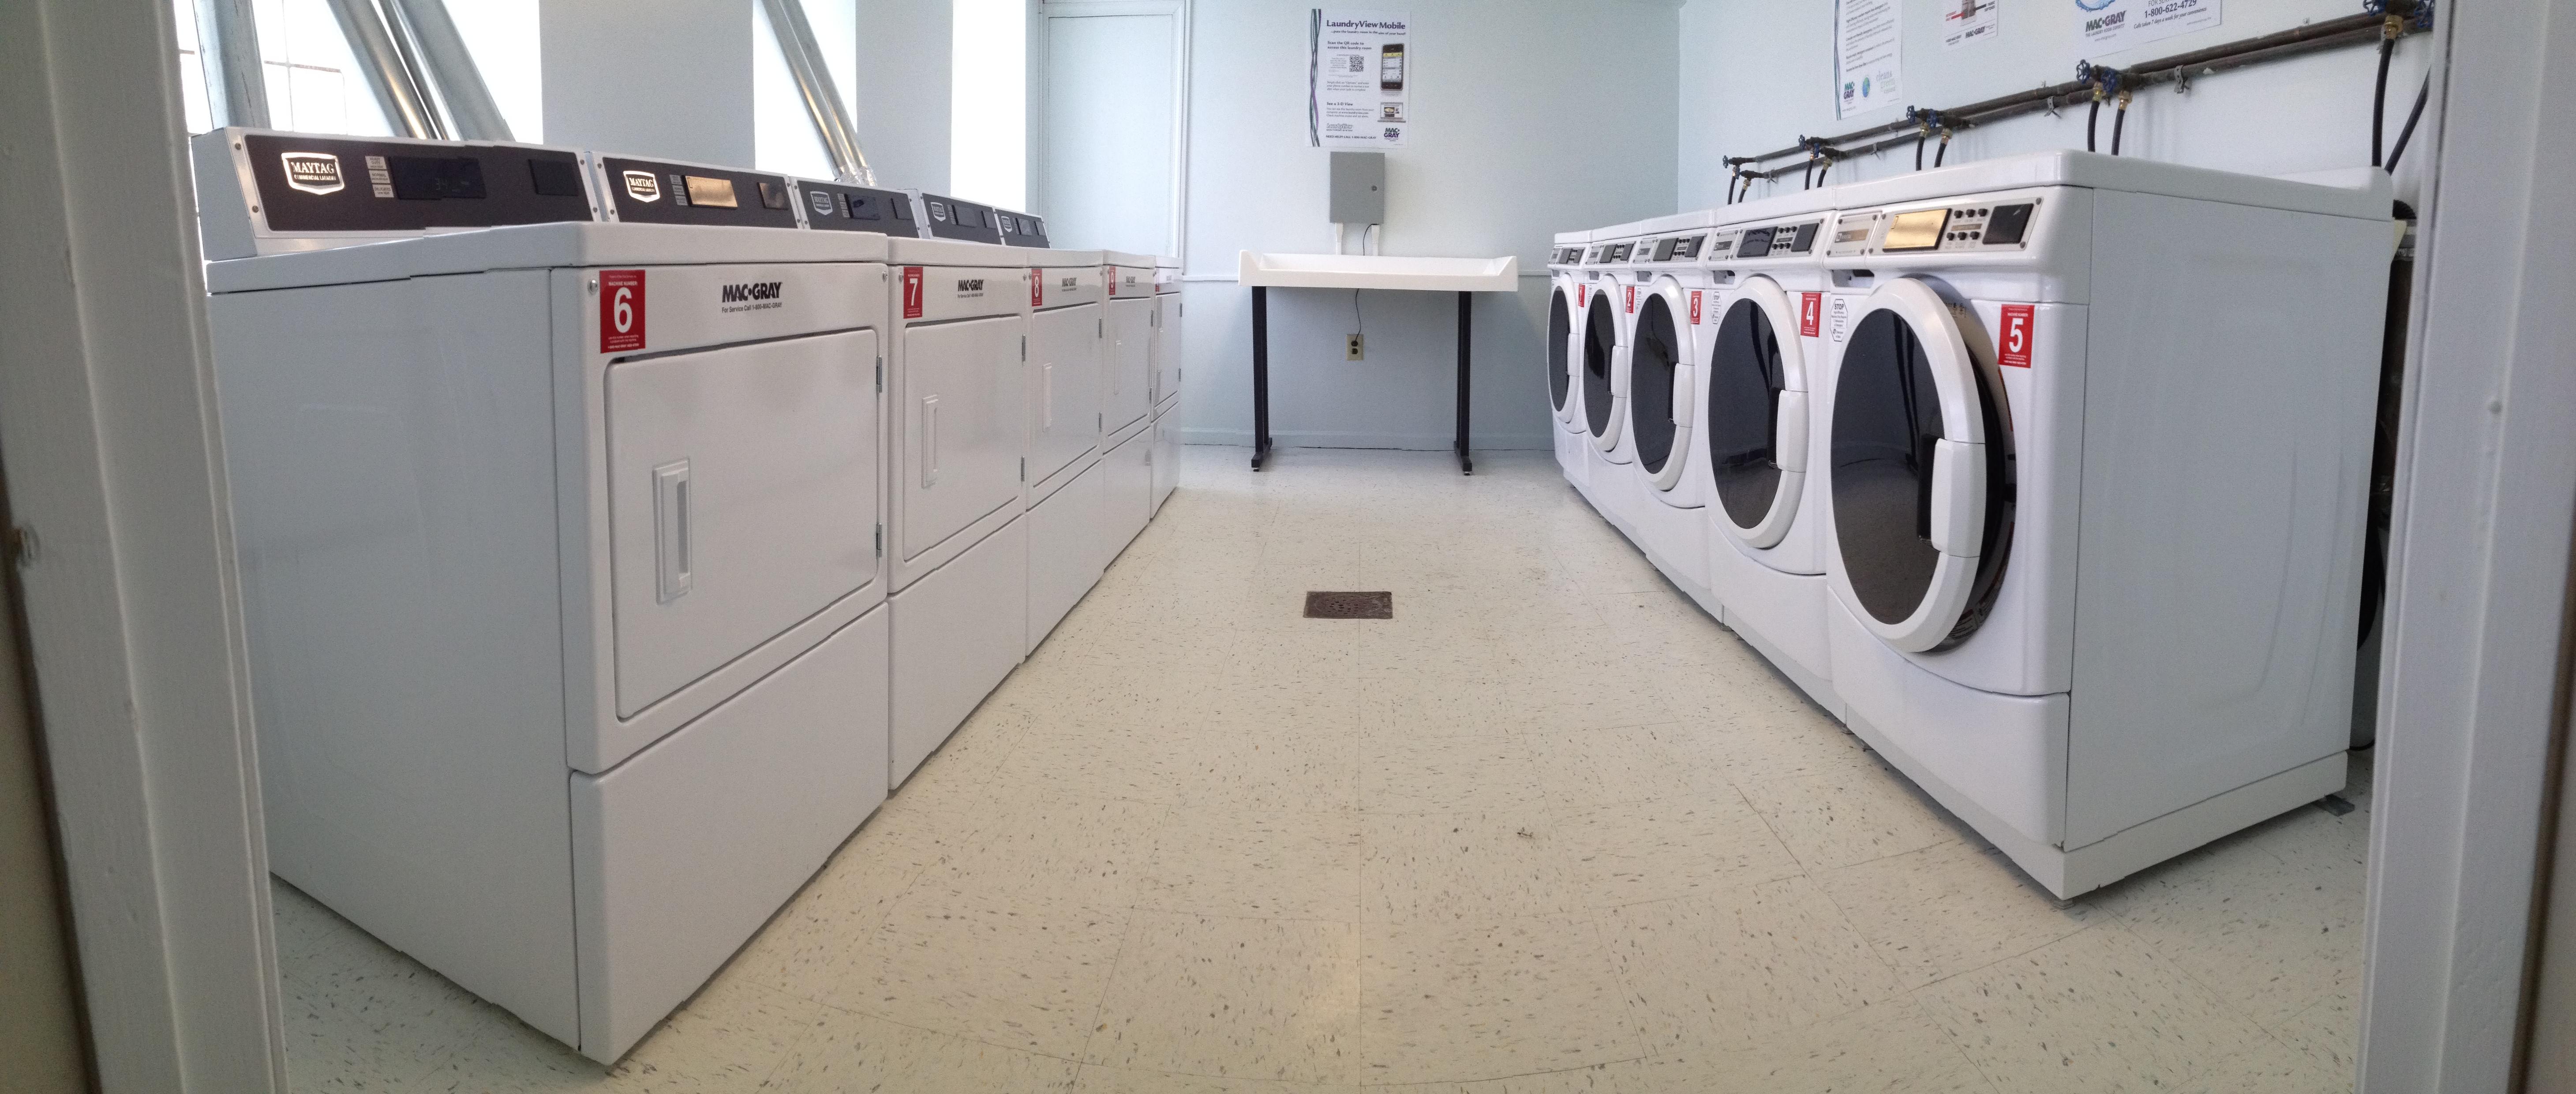 TC Laundry